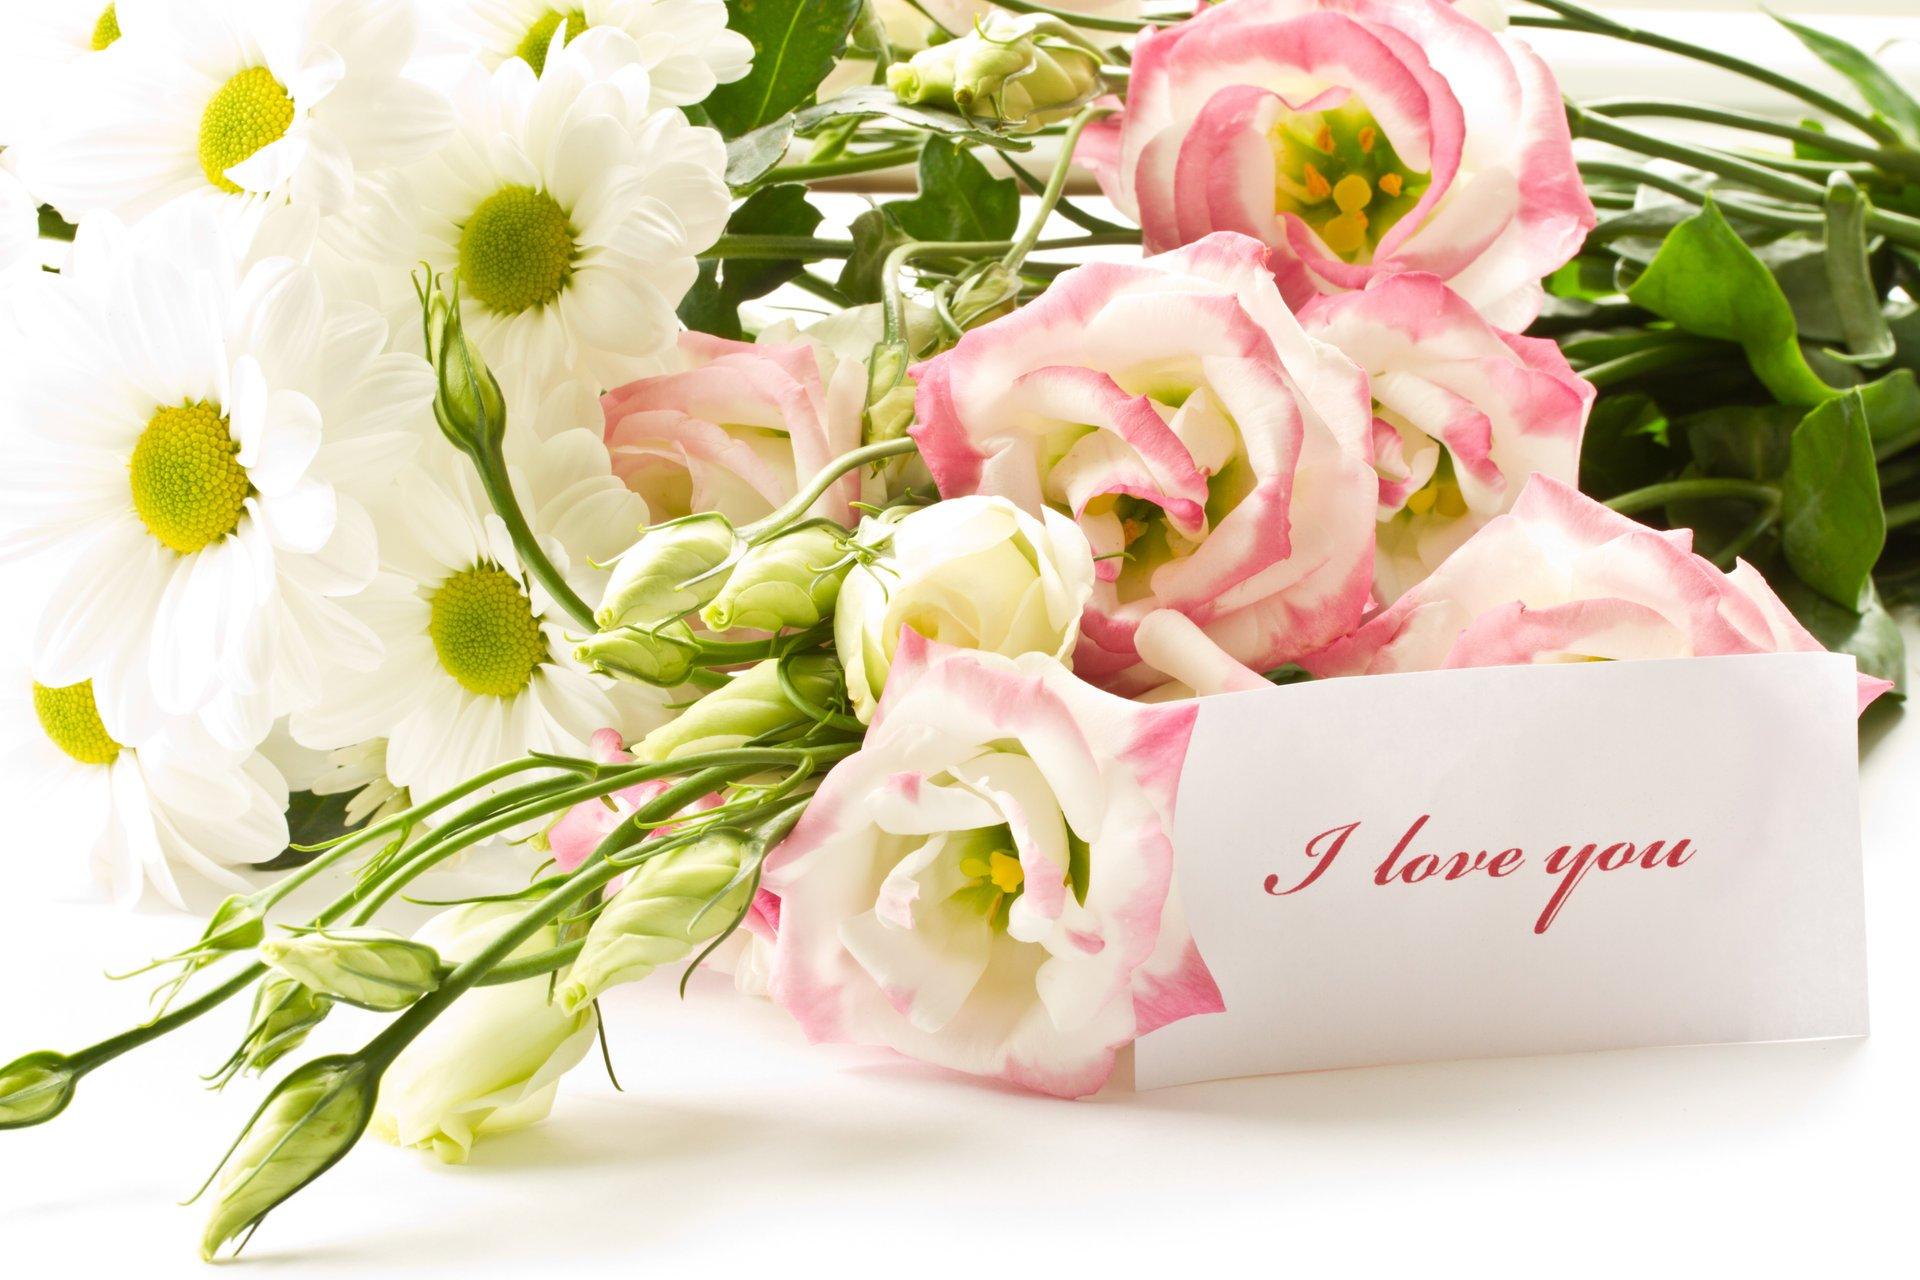 букеты цветов для поздравлений с днем видела